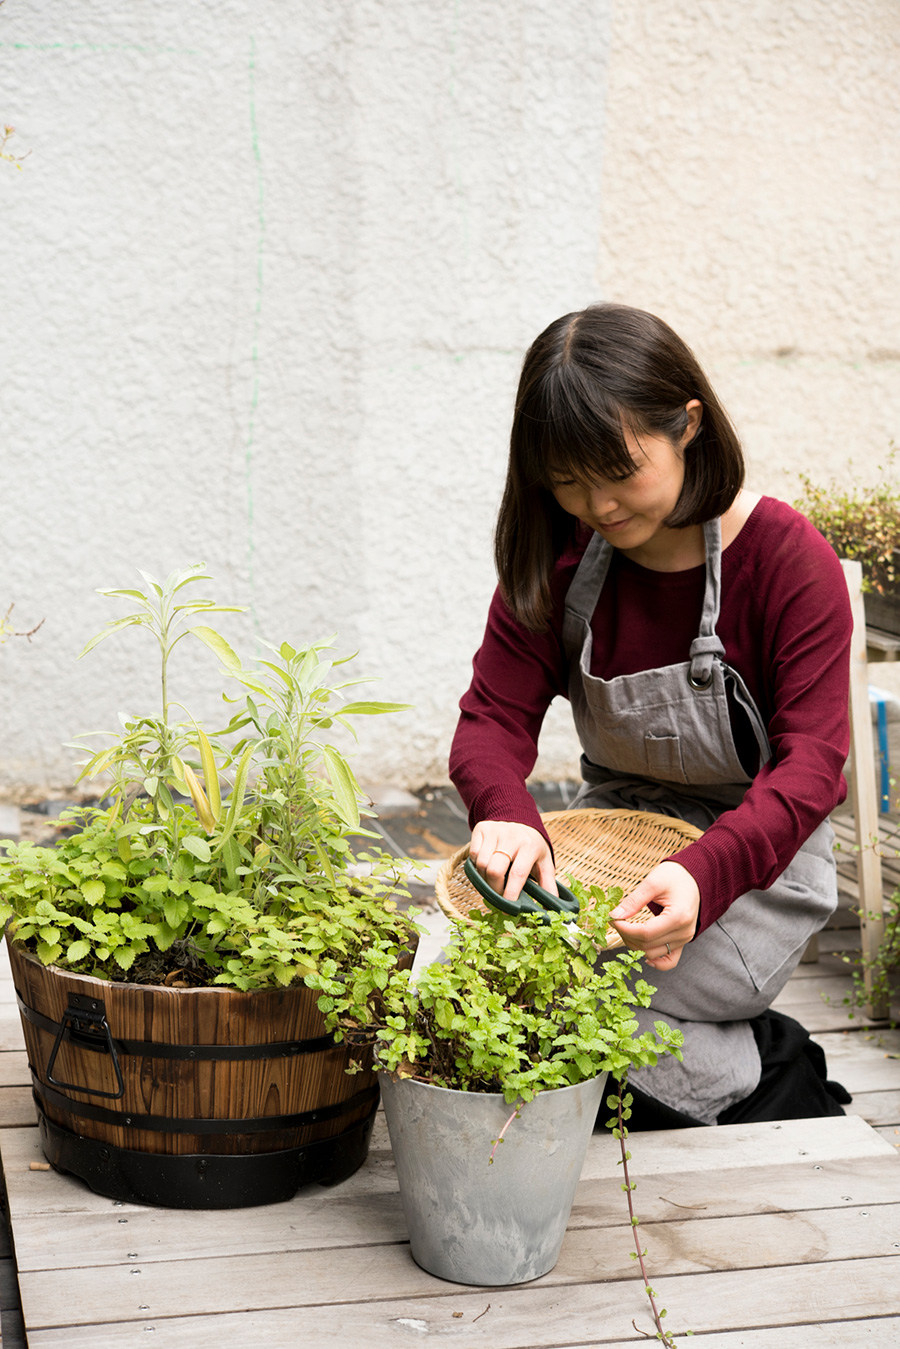 ウッドデッキを敷いたテラスでハーブを摘む桃子さん。デッキはすのこ状にして移動できるよう工夫した。